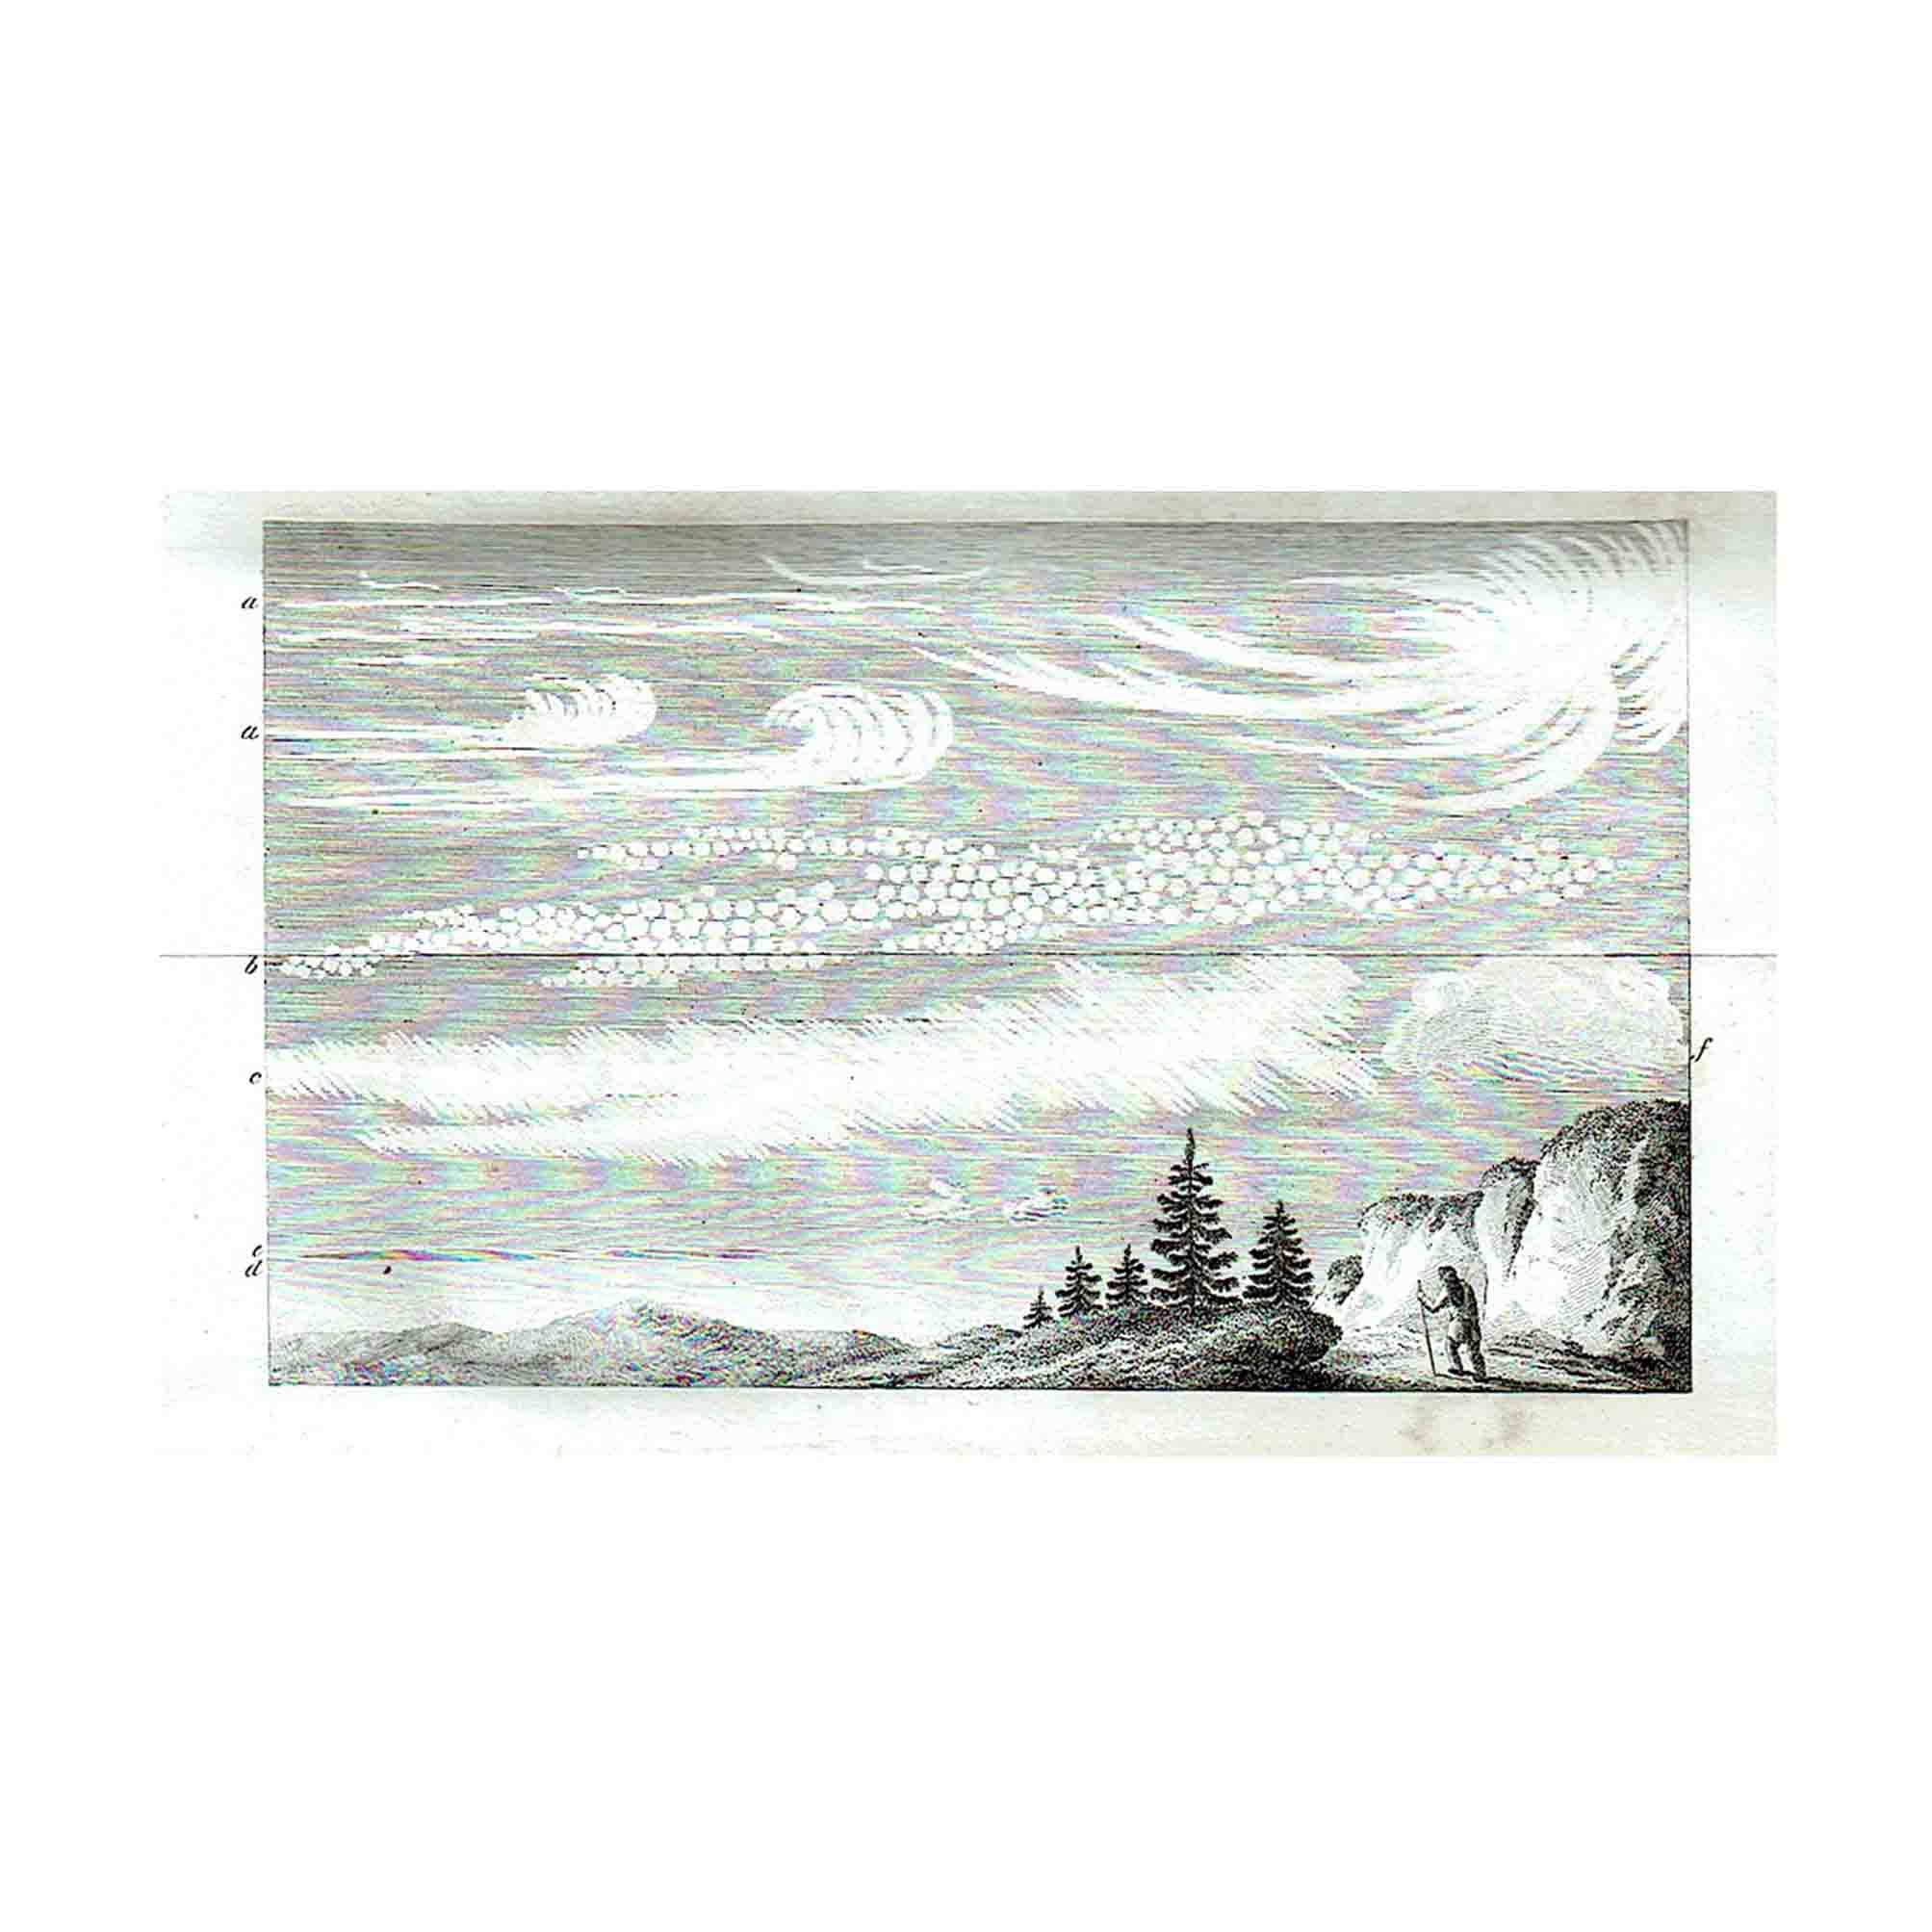 1293-Brandes-Witterungskunde-1820-Kupfer-Landschaft-A-N.jpg